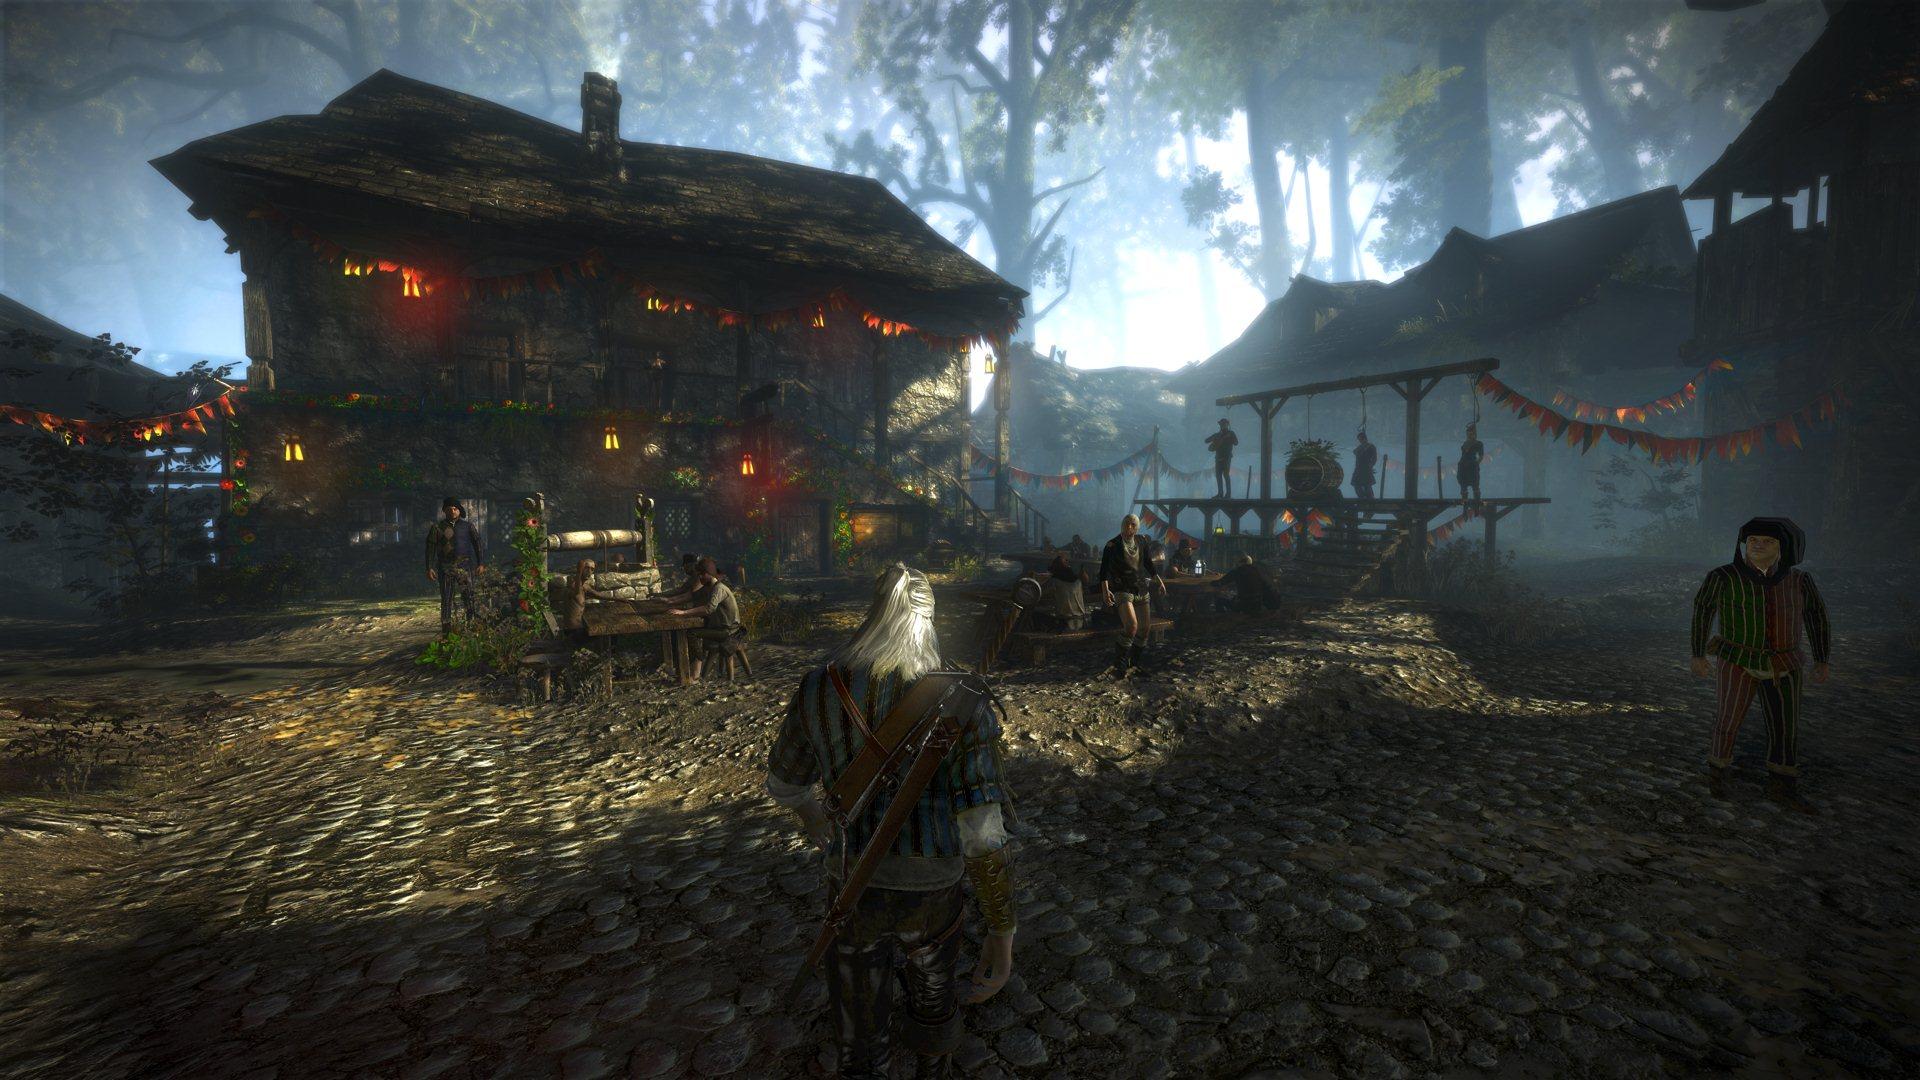 The Witcher 2 - Protagonisti e ambientazioni